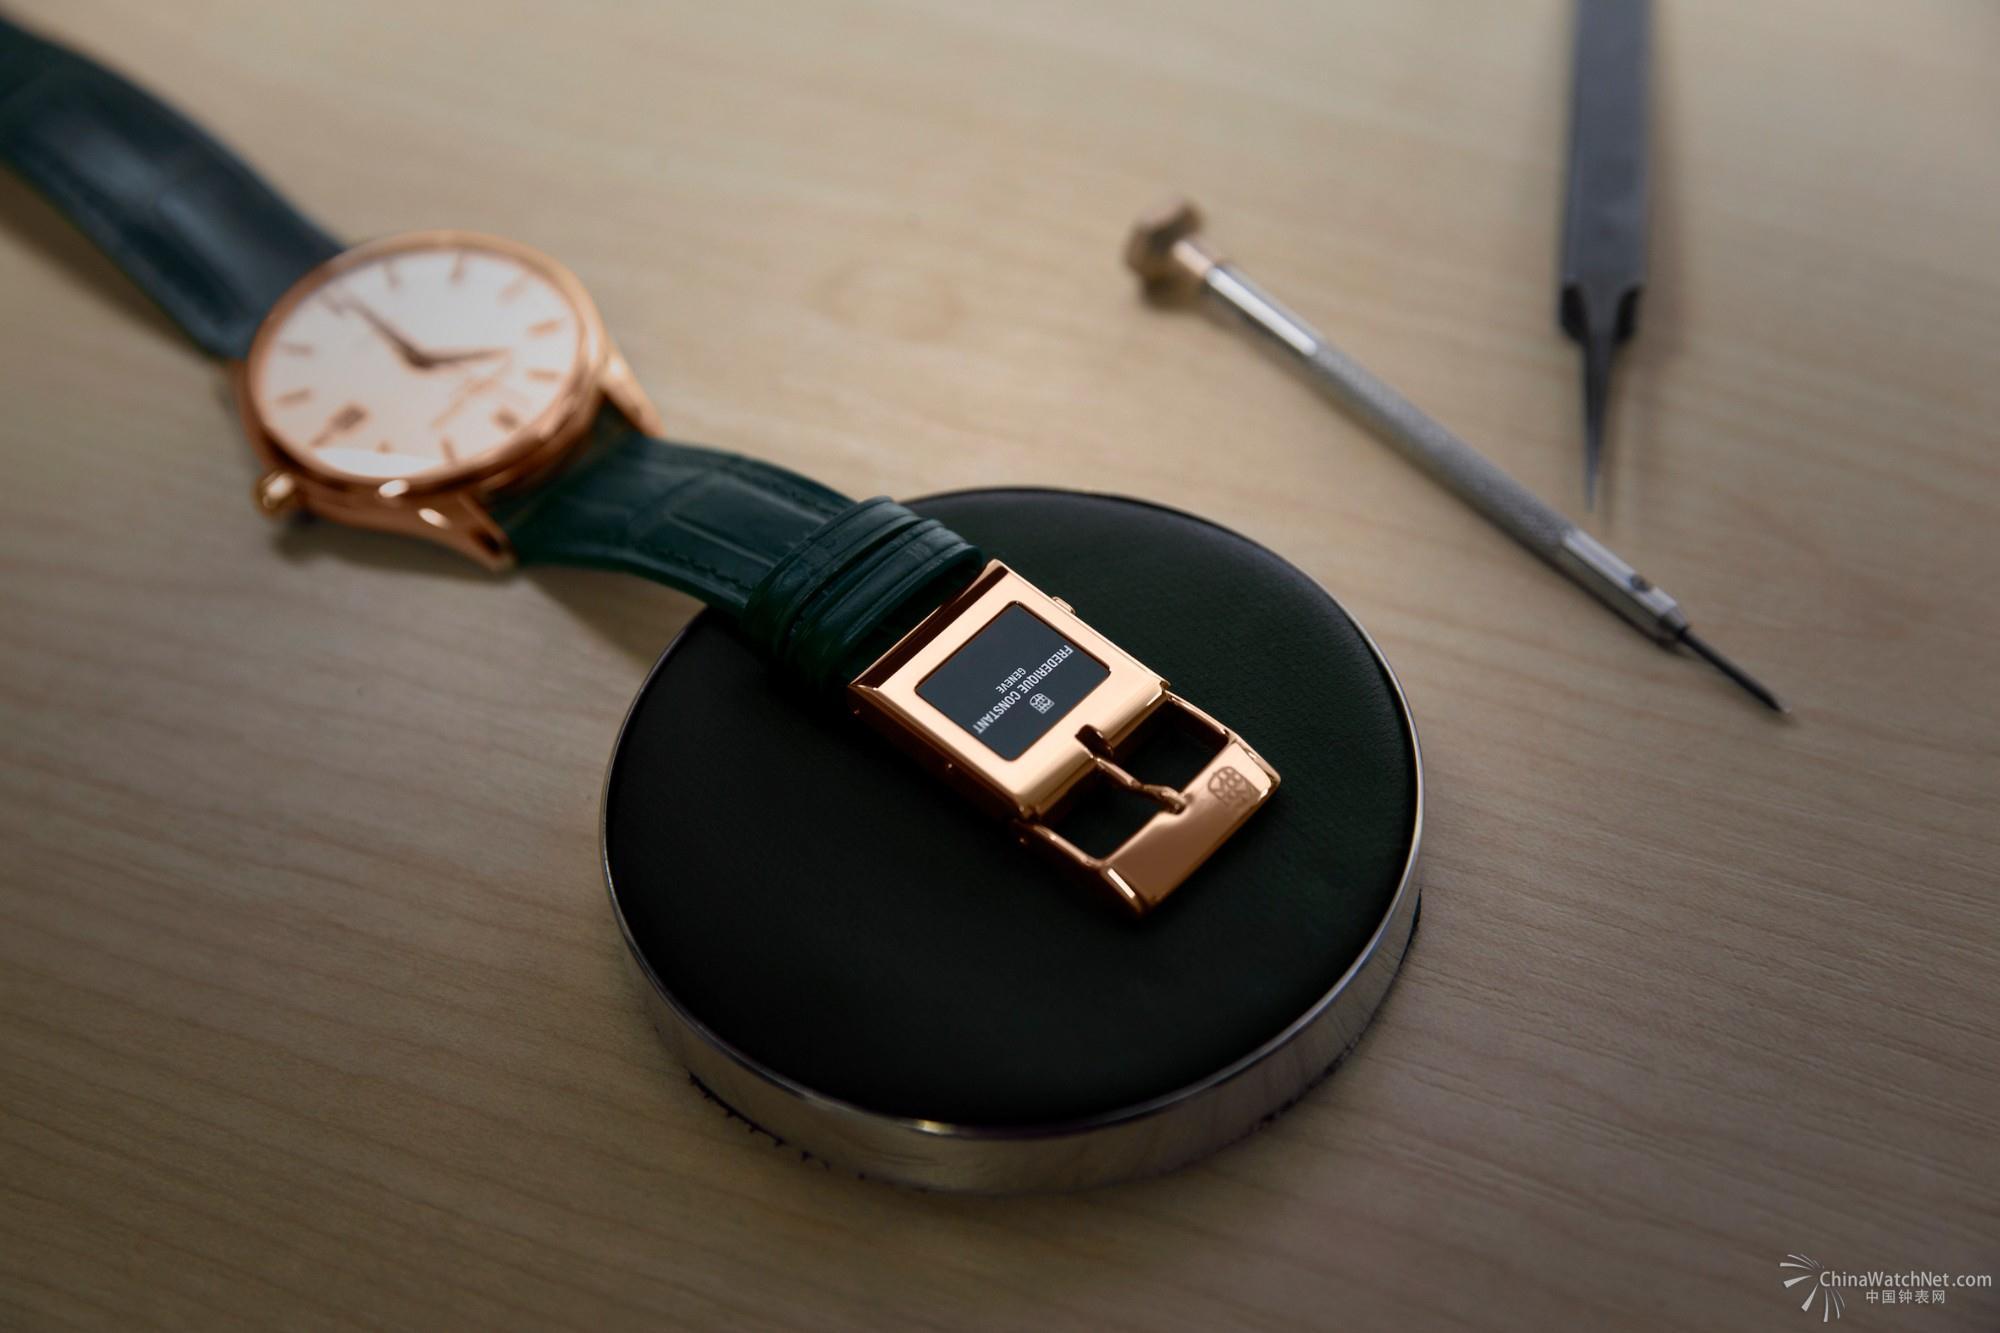 康斯登于今年巴塞尔钟表展推出全新高科技杰作:E-Strap 智能表带。康斯登E-Strap智能表带是专为传统腕表而设计的专利智能表扣与表带,因此我们的标语是:将传统腕表变得更智能。